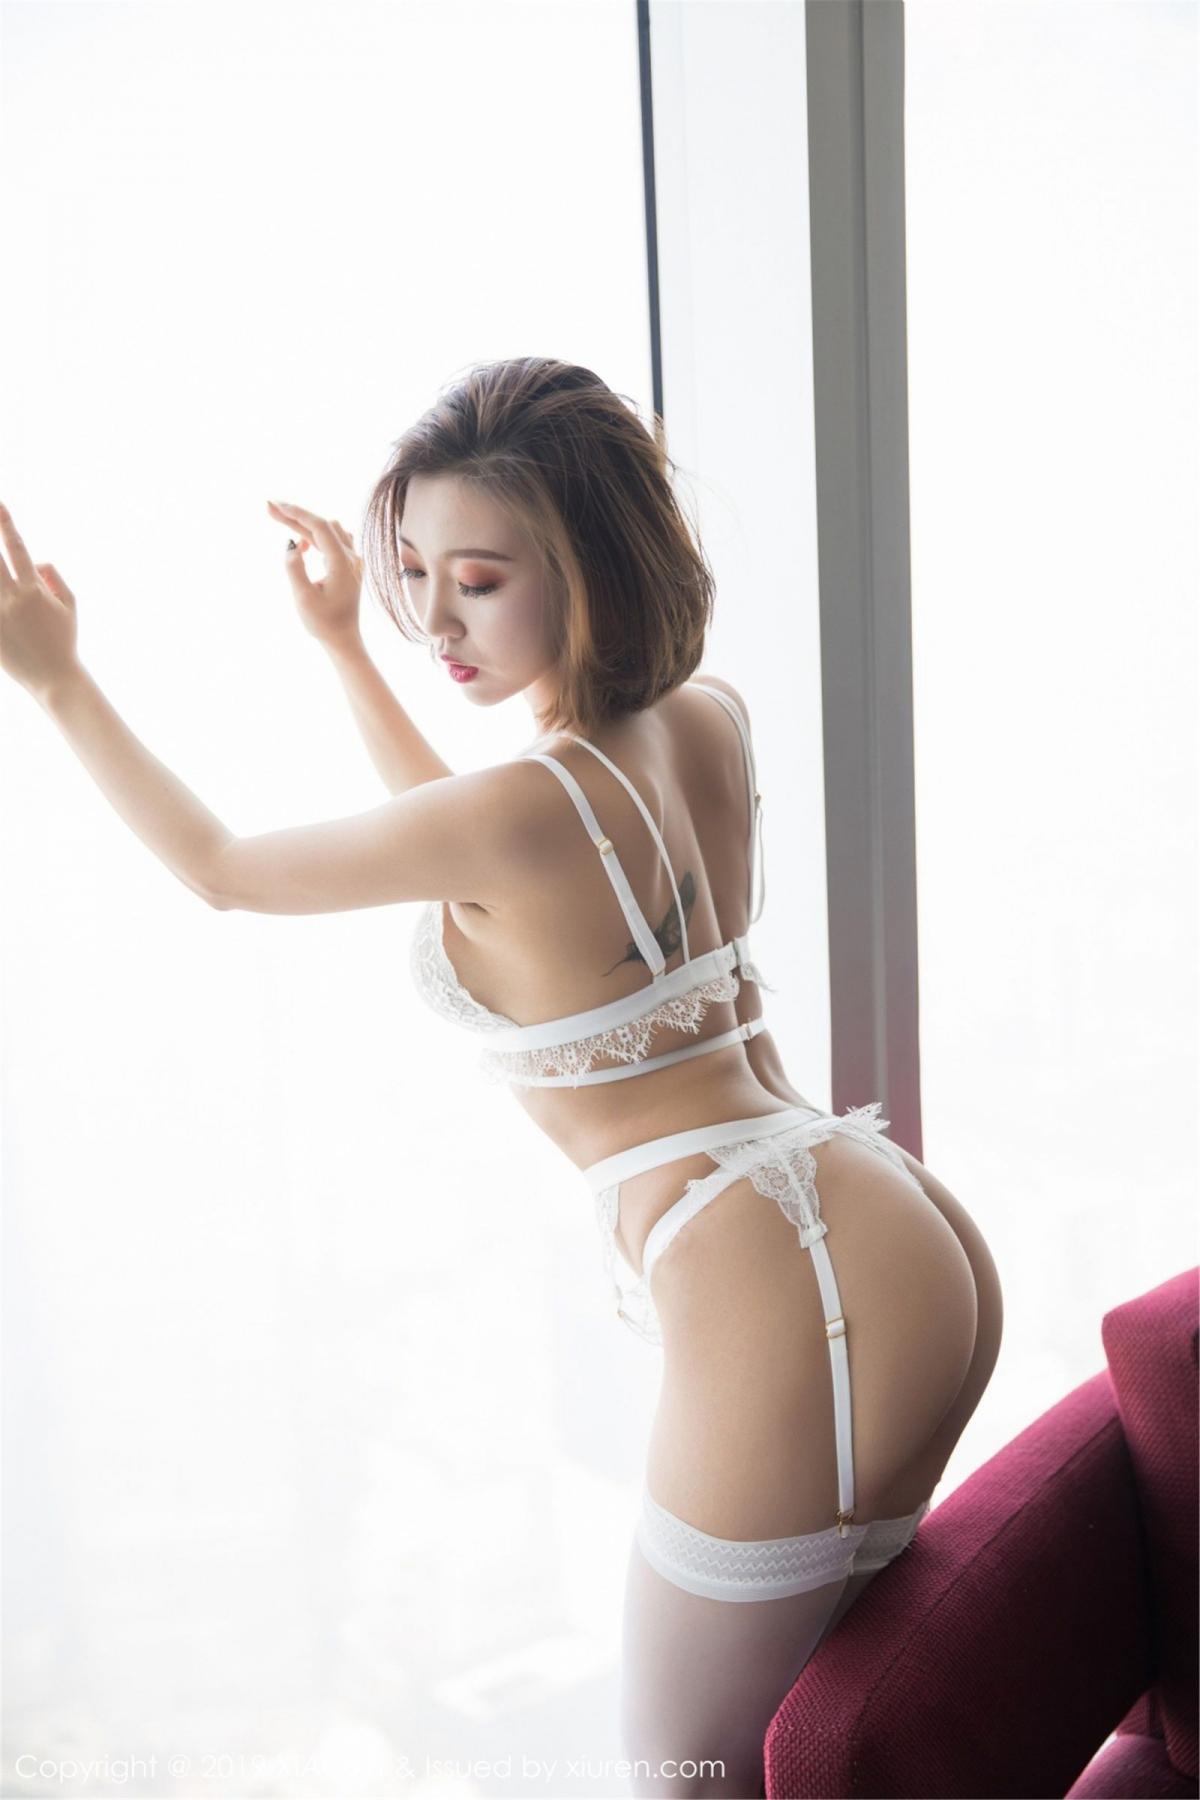 [XiaoYu] Vol.053 Lris 15P, Feng Mu Mu, Tall, Underwear, XiaoYu